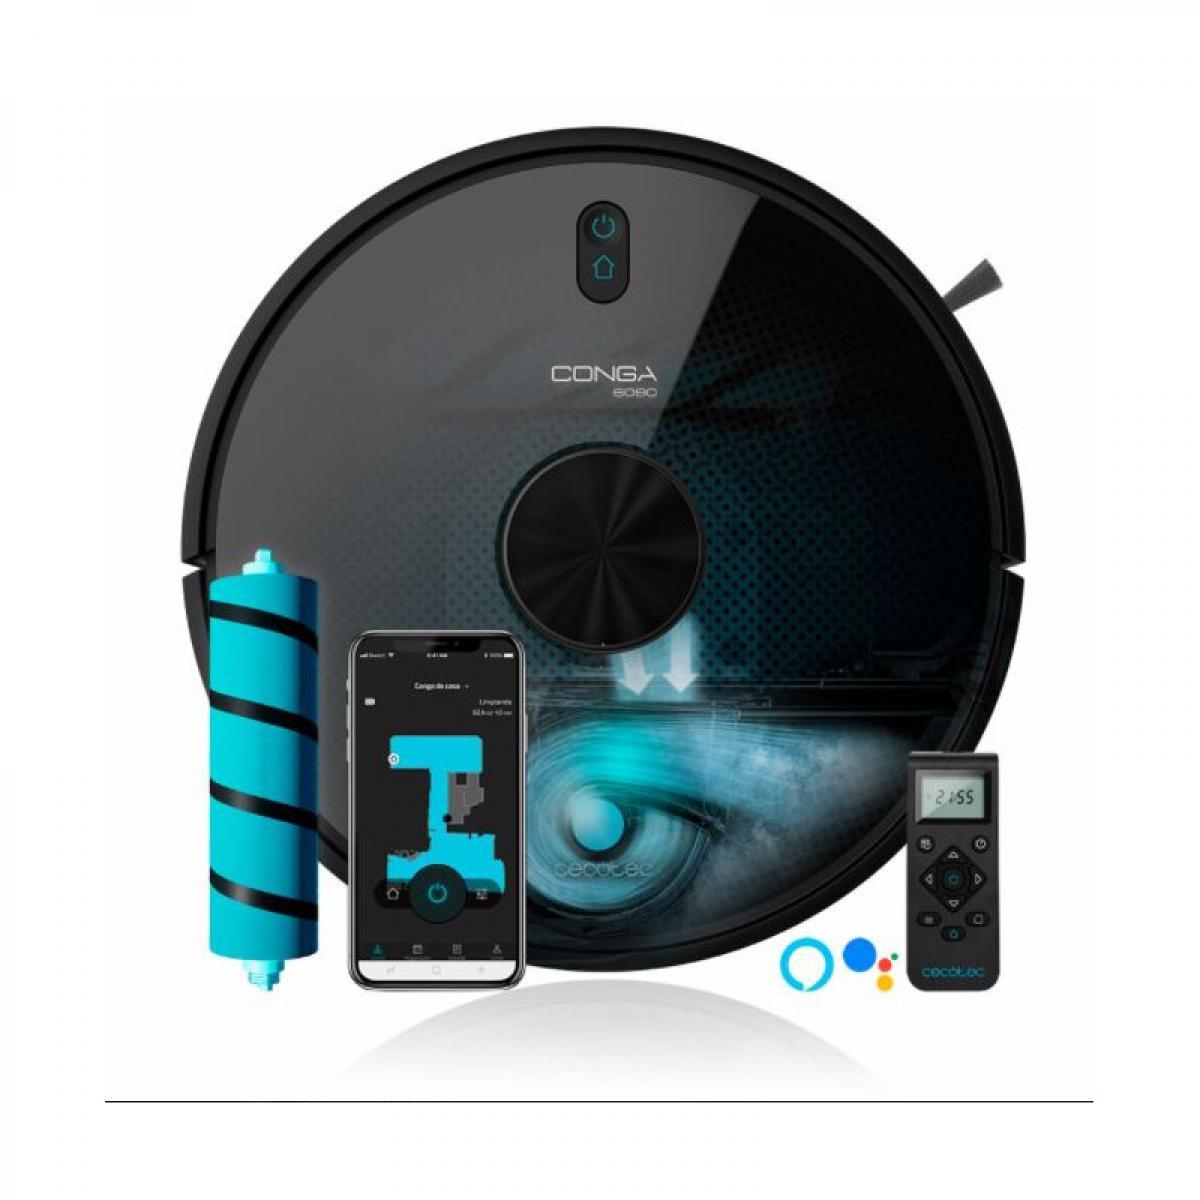 Cecotec Cecotec, Robot Aspirateur, Conga 6090 Ultra, Laser, puissance d'aspiration 10000 Pa, App, Capteur optique, Virtual Voice